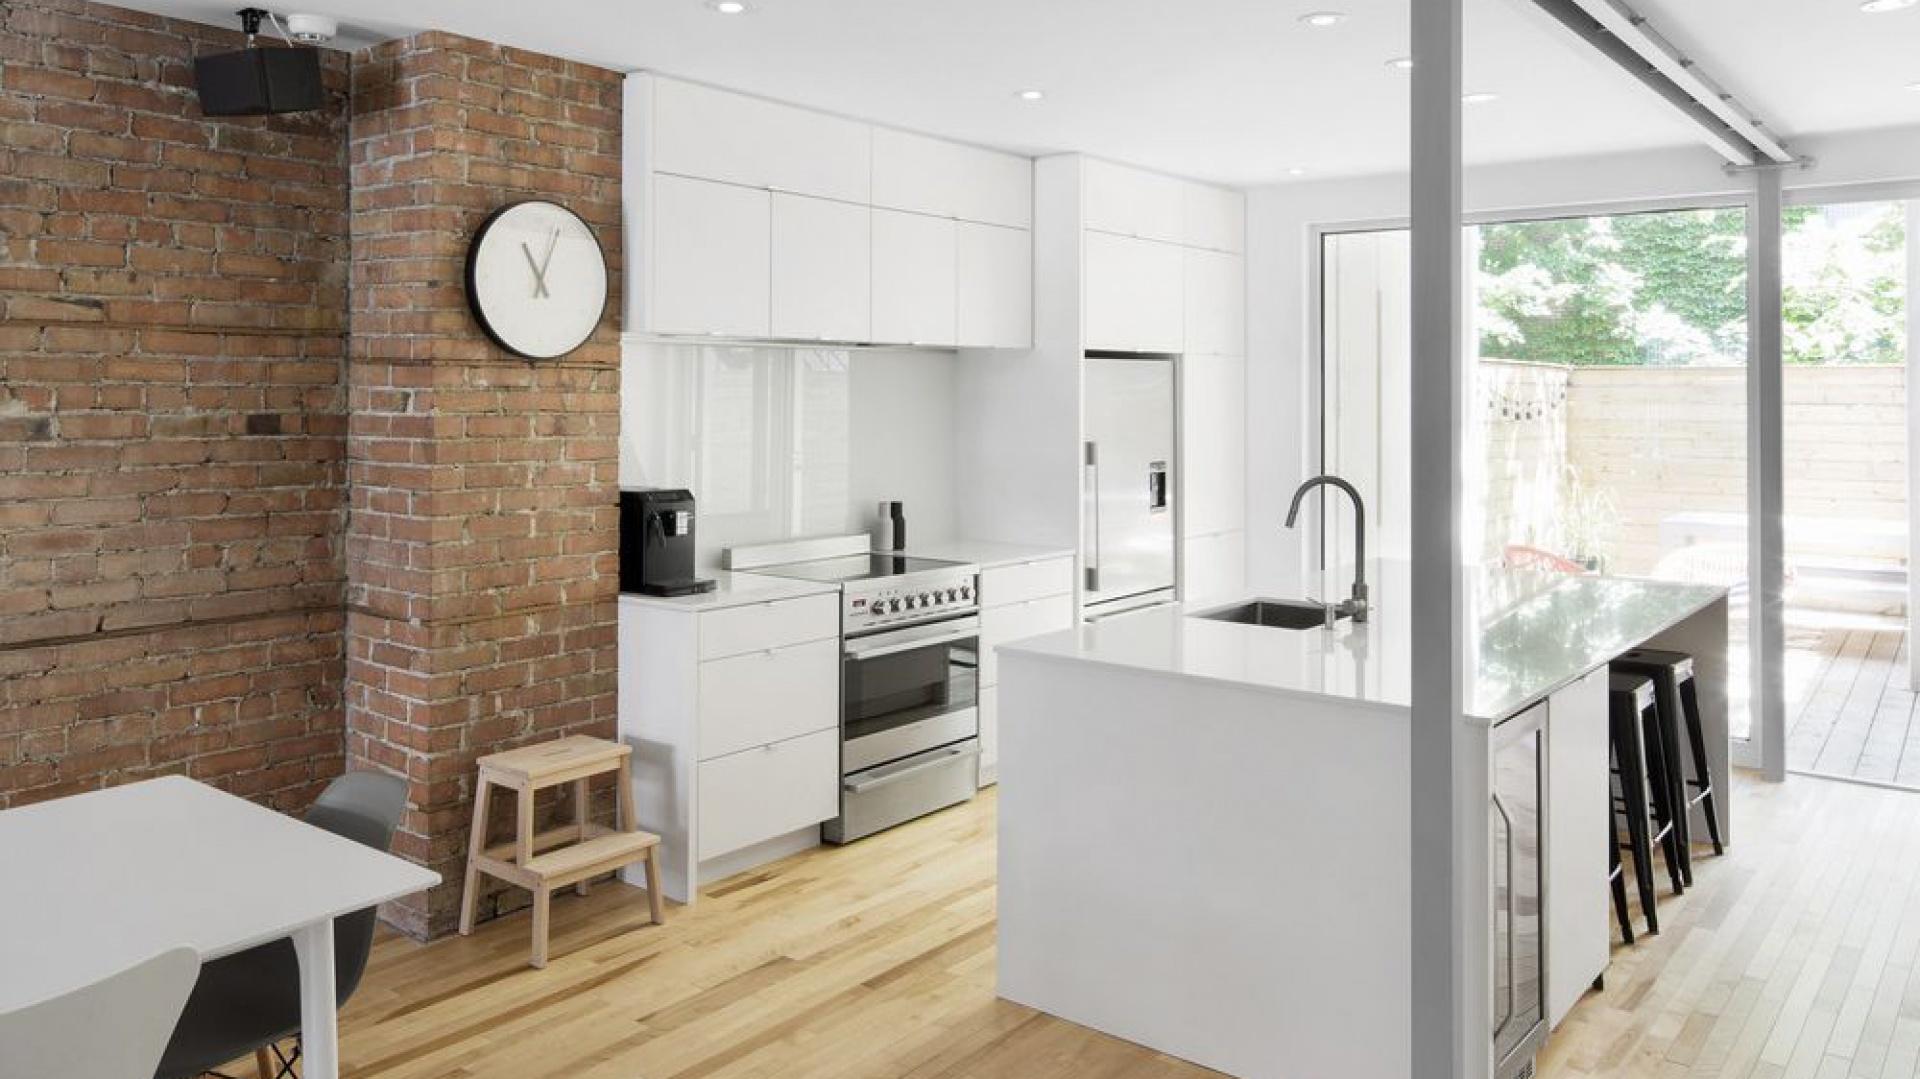 Biała, nowoczesna kuchnia z zabudową z lakierowanego MDF-u stanowi elegancki kontrast dla chropowatej, czerwonej cegły na ścianie. Projekt: Bourgeois / Lechasseur Architects. Fot. Adrien Williams.